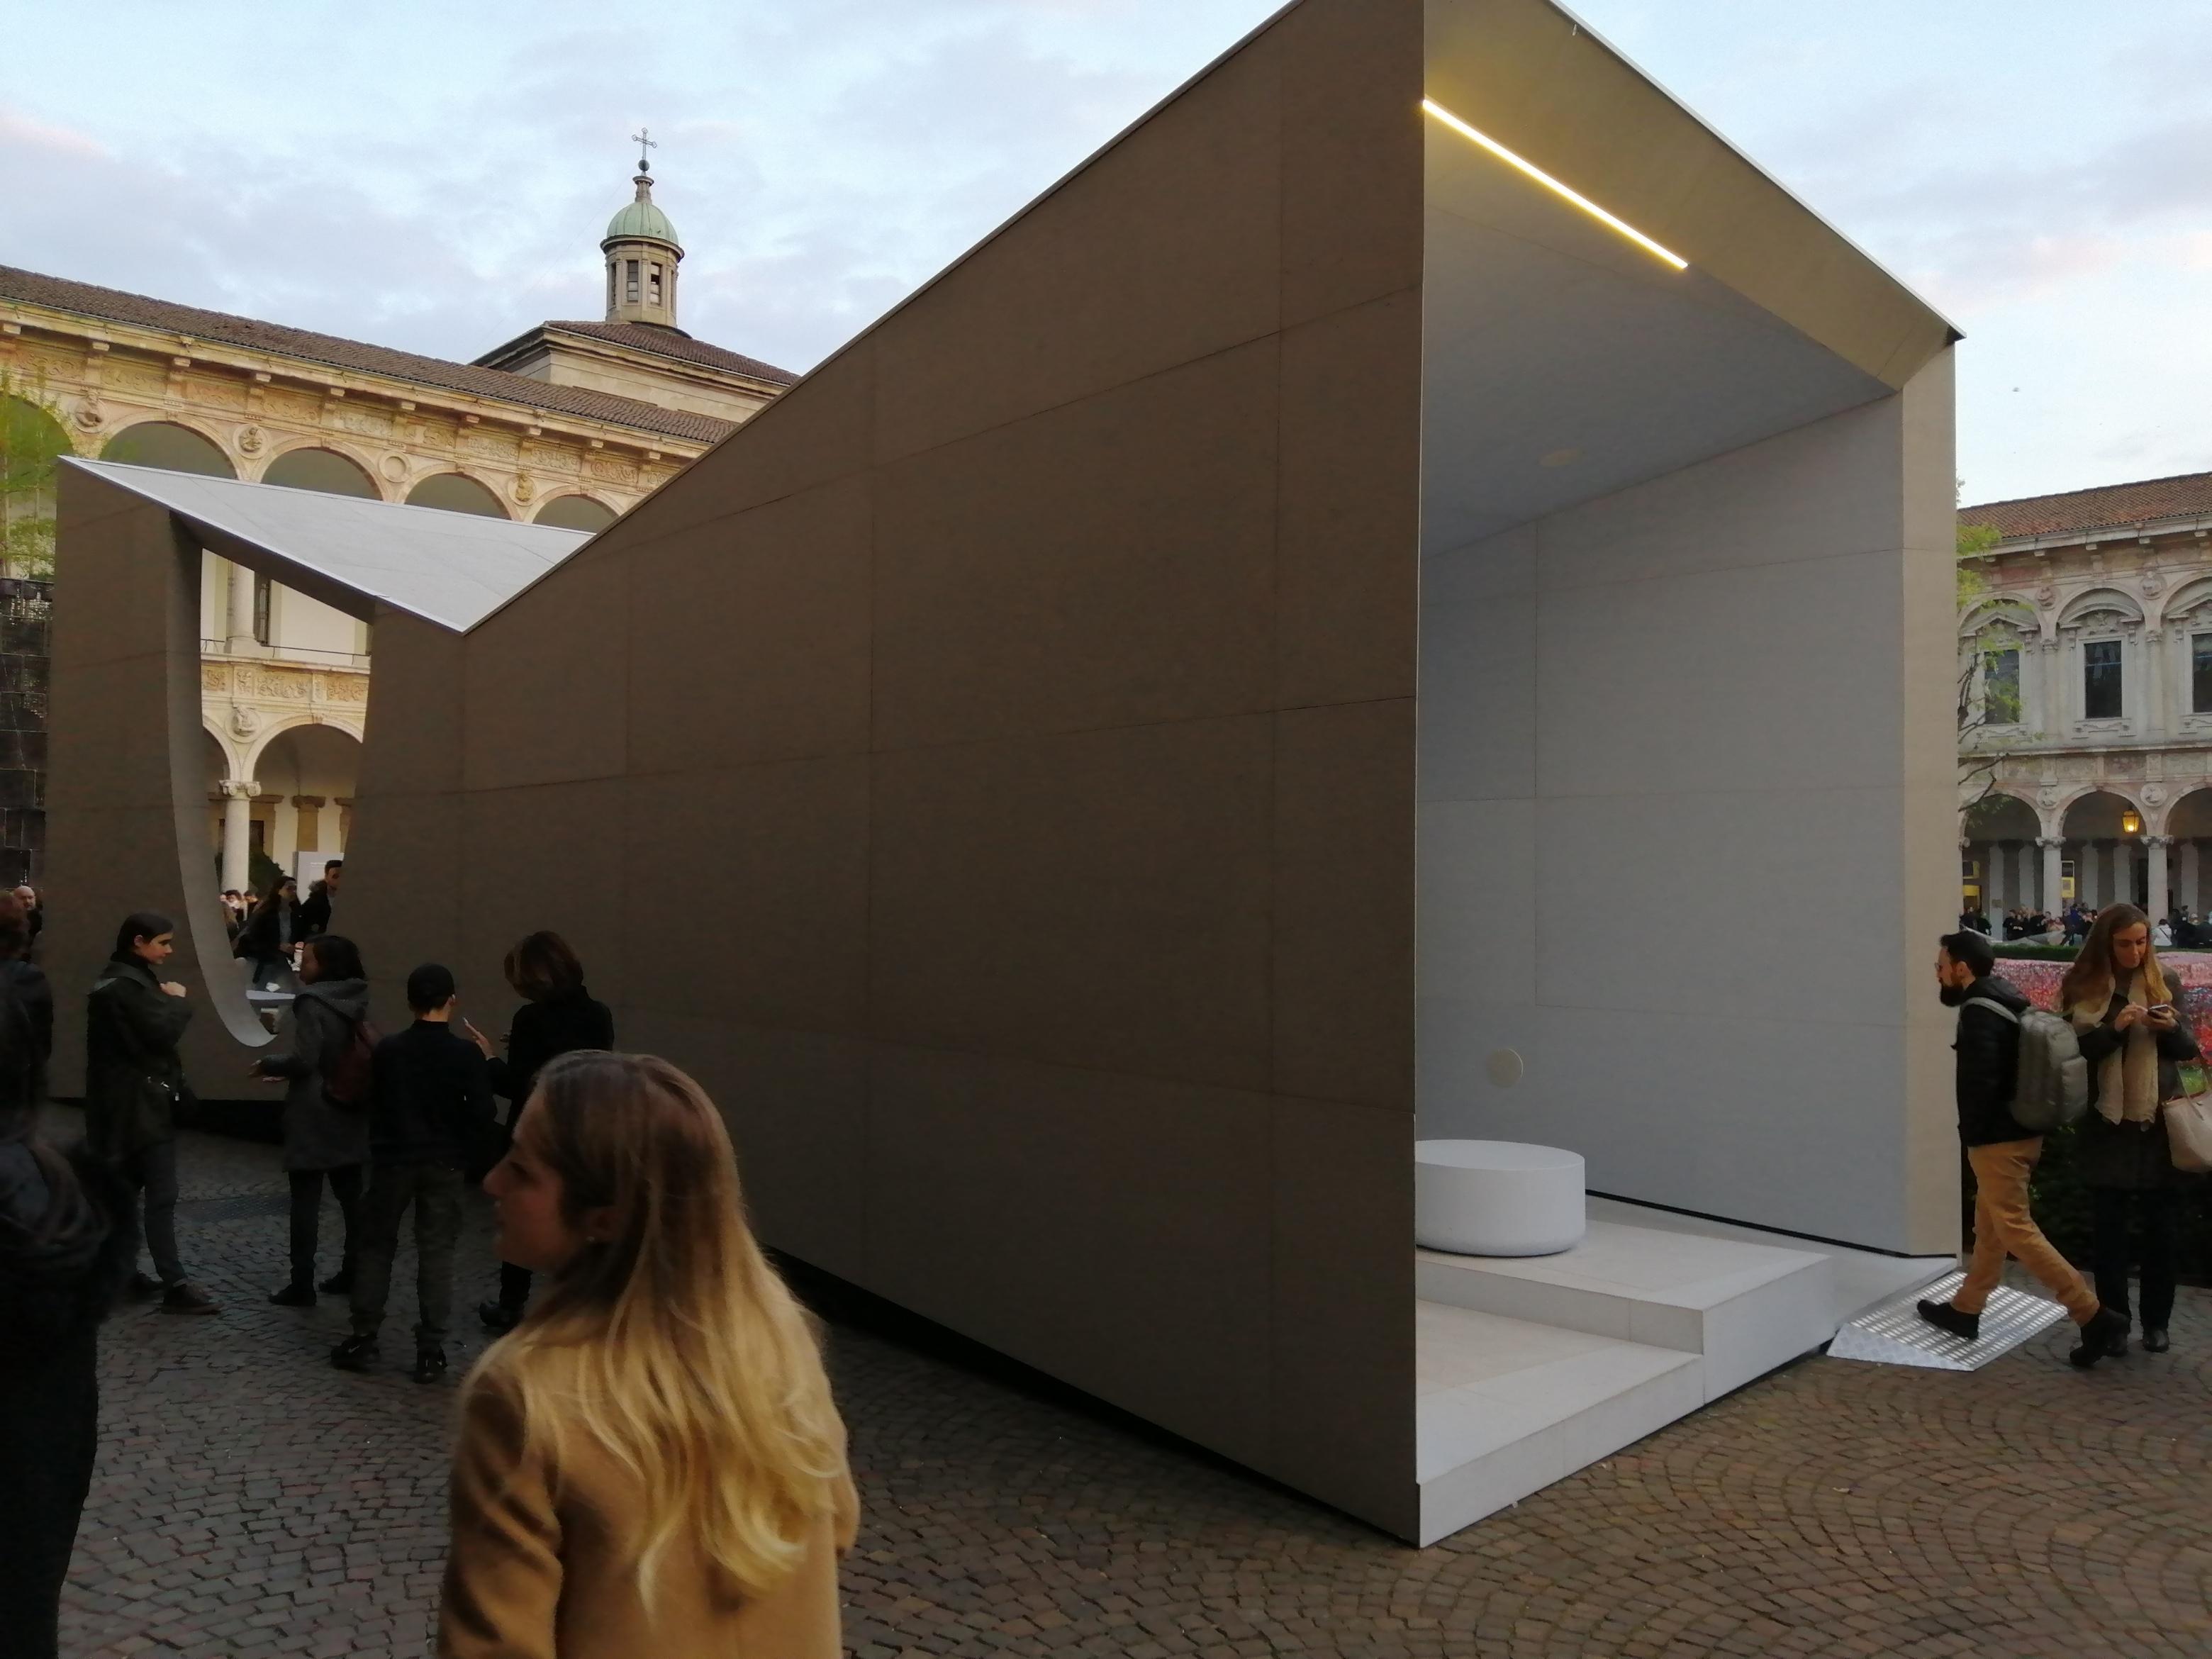 Salone del mobile 2019, Università degli Studi di Milano